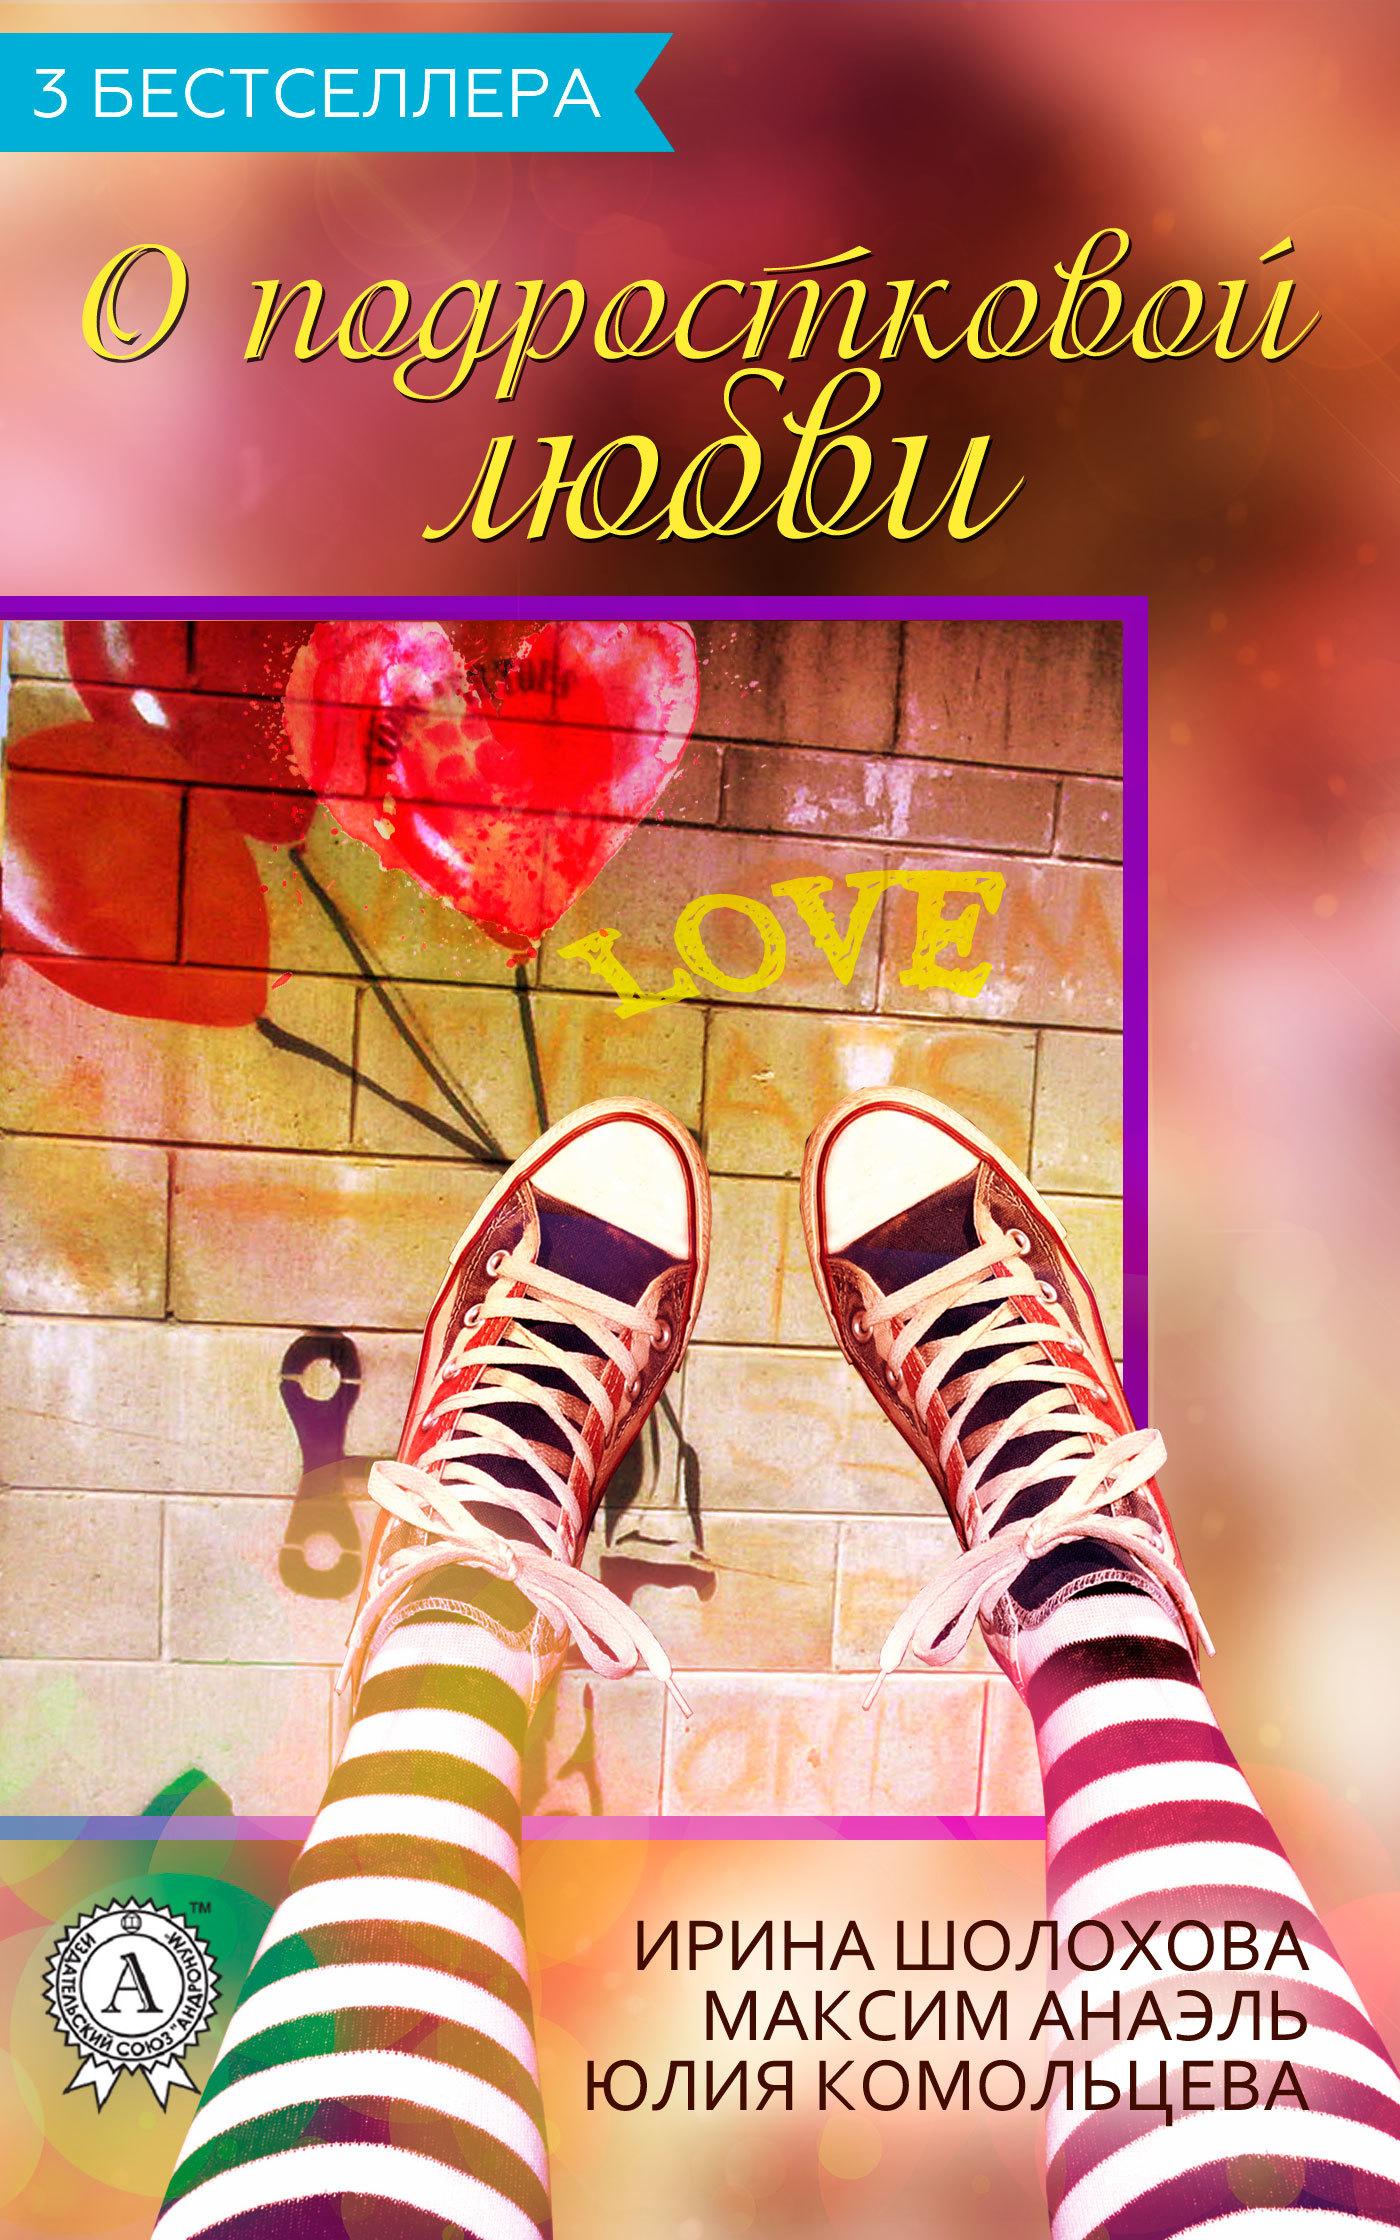 Сборник «3 бестселлера о подростковой любви»